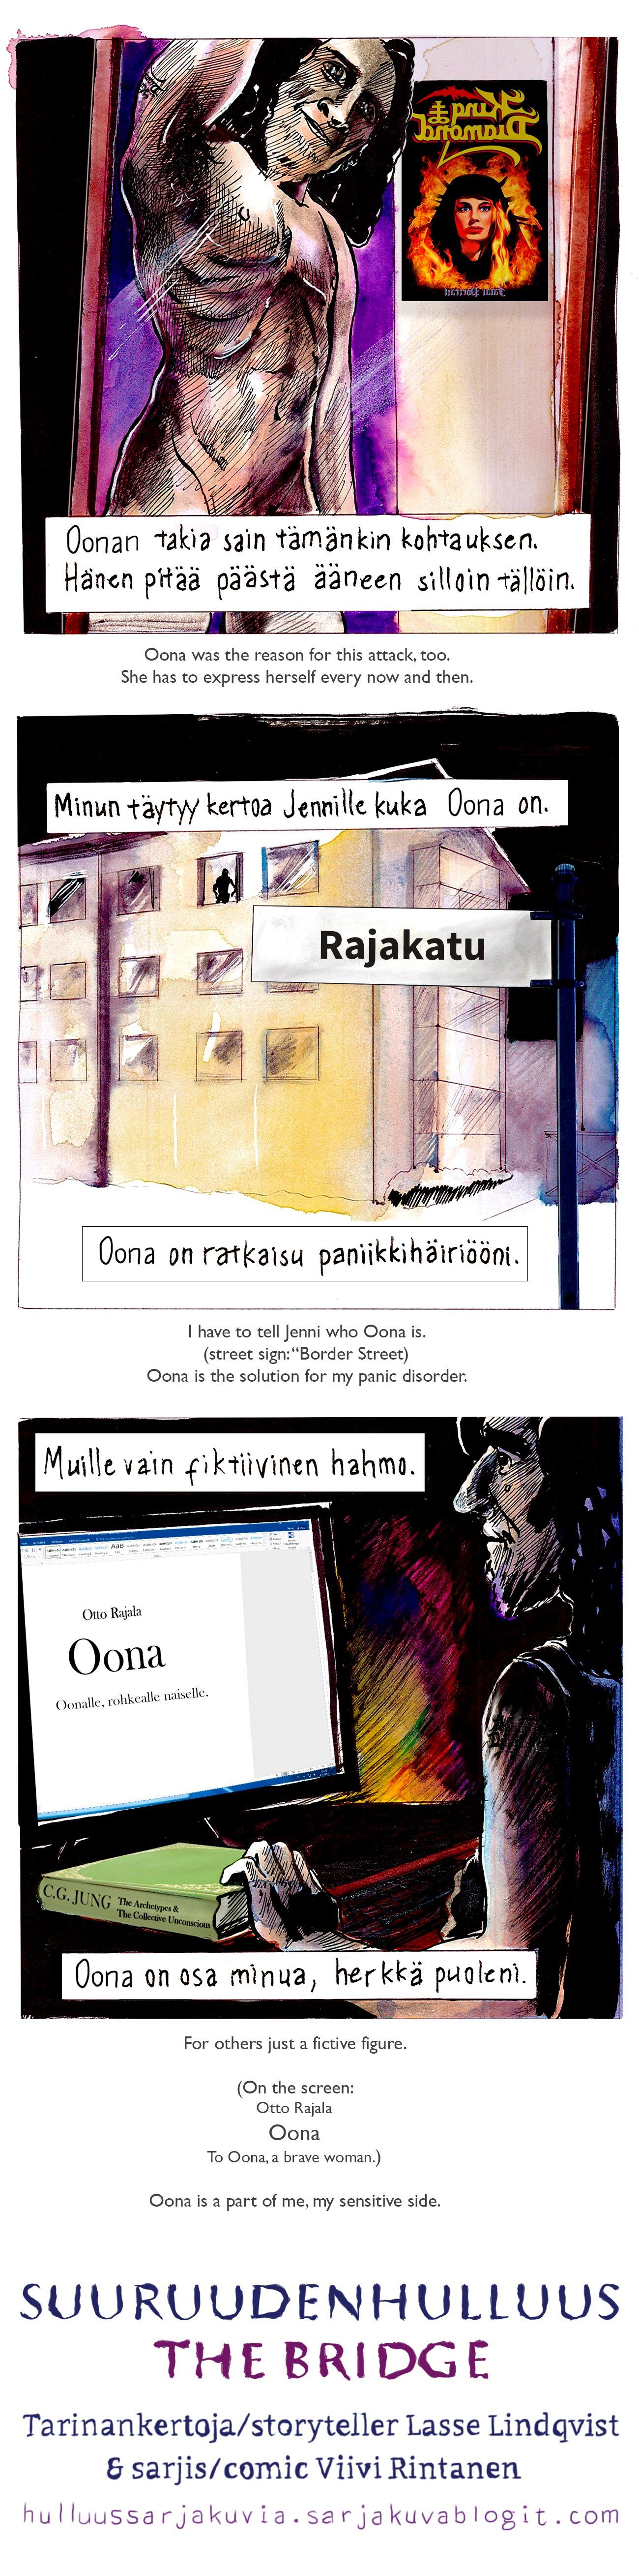 LasseLindqvist&ViiviRintanenHulluussarjakuvia2017